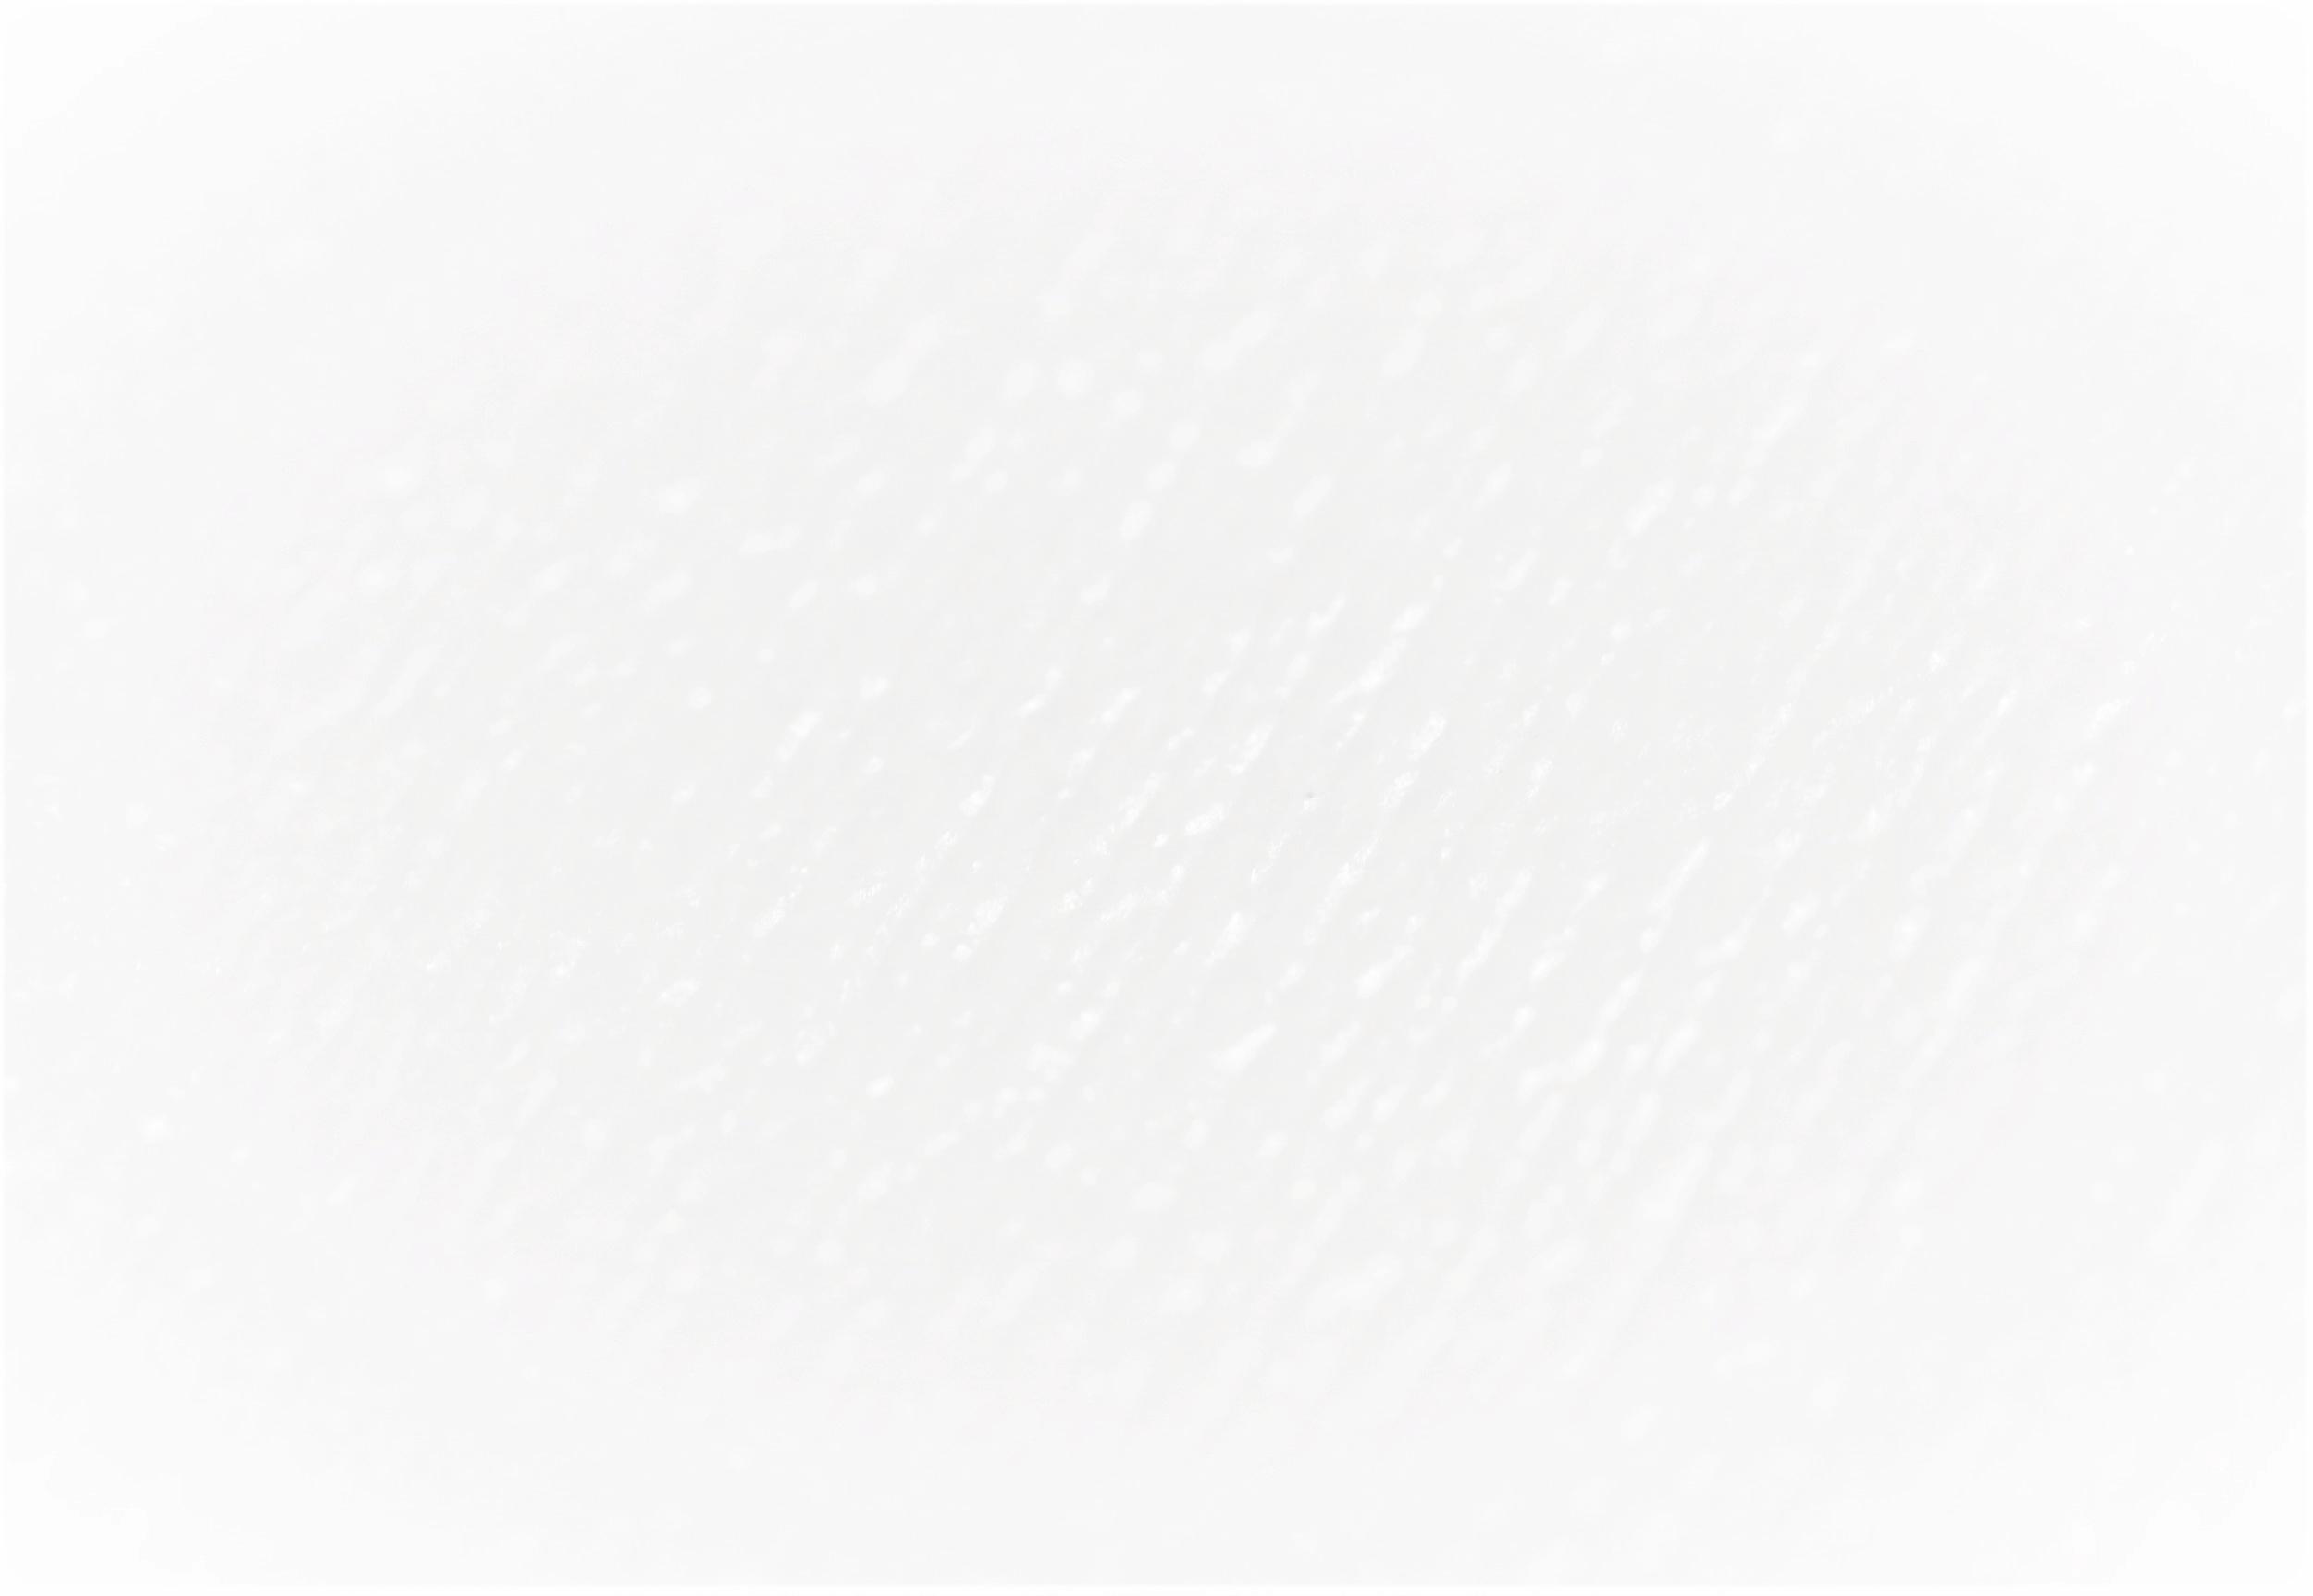 Notre housse ProTech Allergies™ - Notre barrière est très étanche face aux acariens et laisse passer l'air pour un confort optimal. Nous avons atteint un score extrêmement élevé face au Dermatophagoides farinae(acarien) et nous sommes 100% polyester.